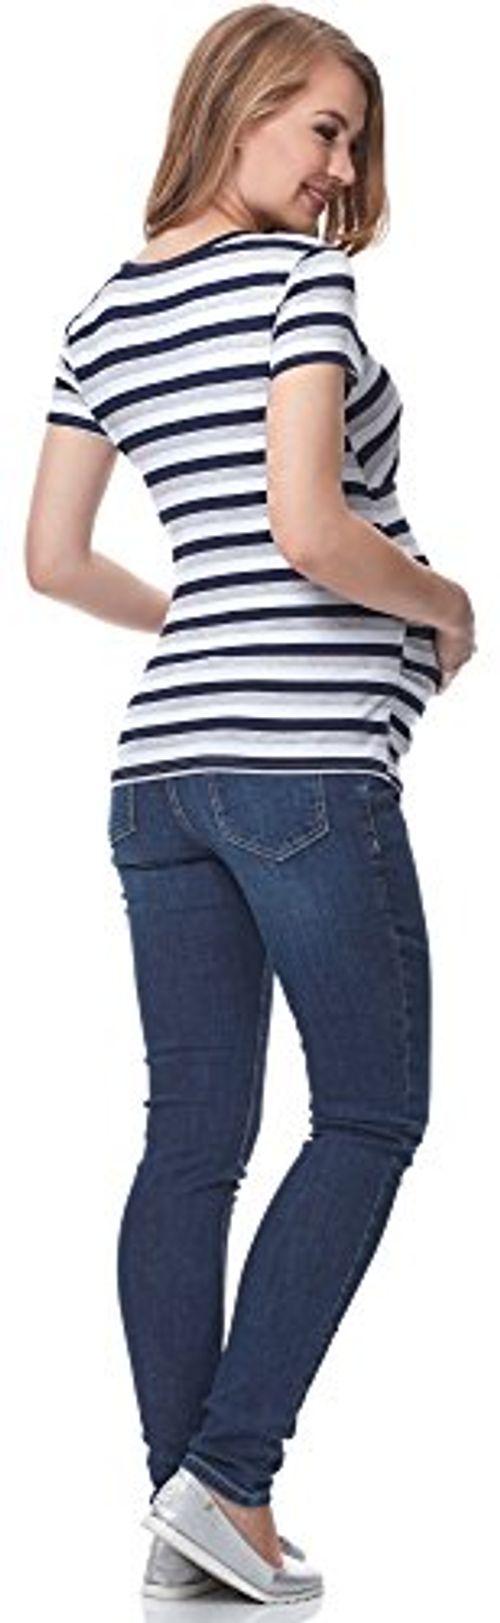 photo Wallpaper of Be Mammy-Be Mammy Damen Umstands Shirt Mit Stillfunktion BE20 151 (Streifen, M)-Streifen